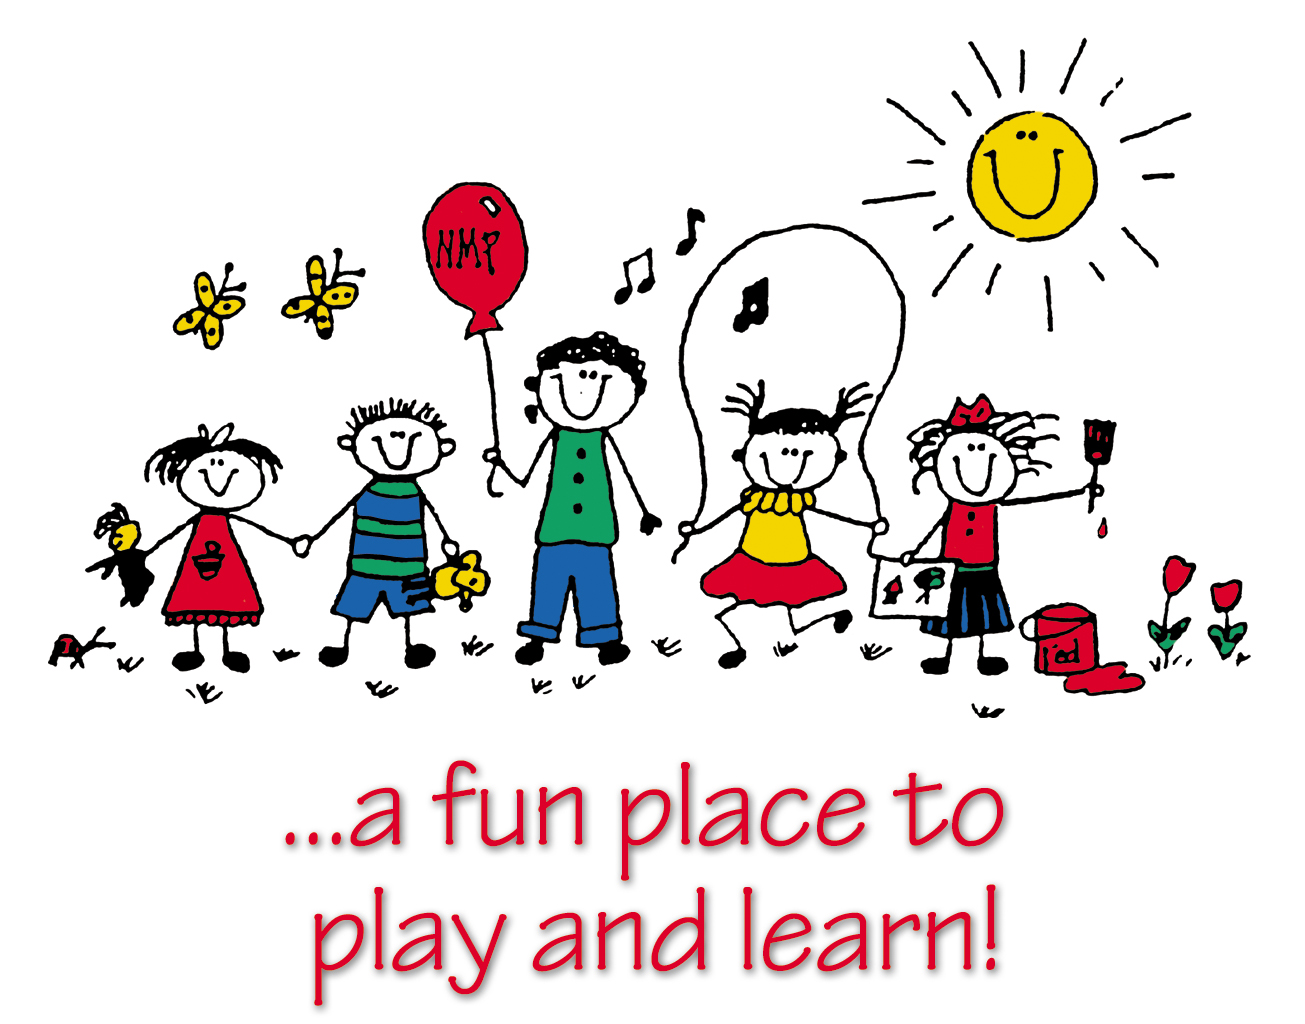 Kindergarten Clip Art. Advertising. Preschool Summer 2010 Trifold Kids Club Preschool Summer Camp Camps